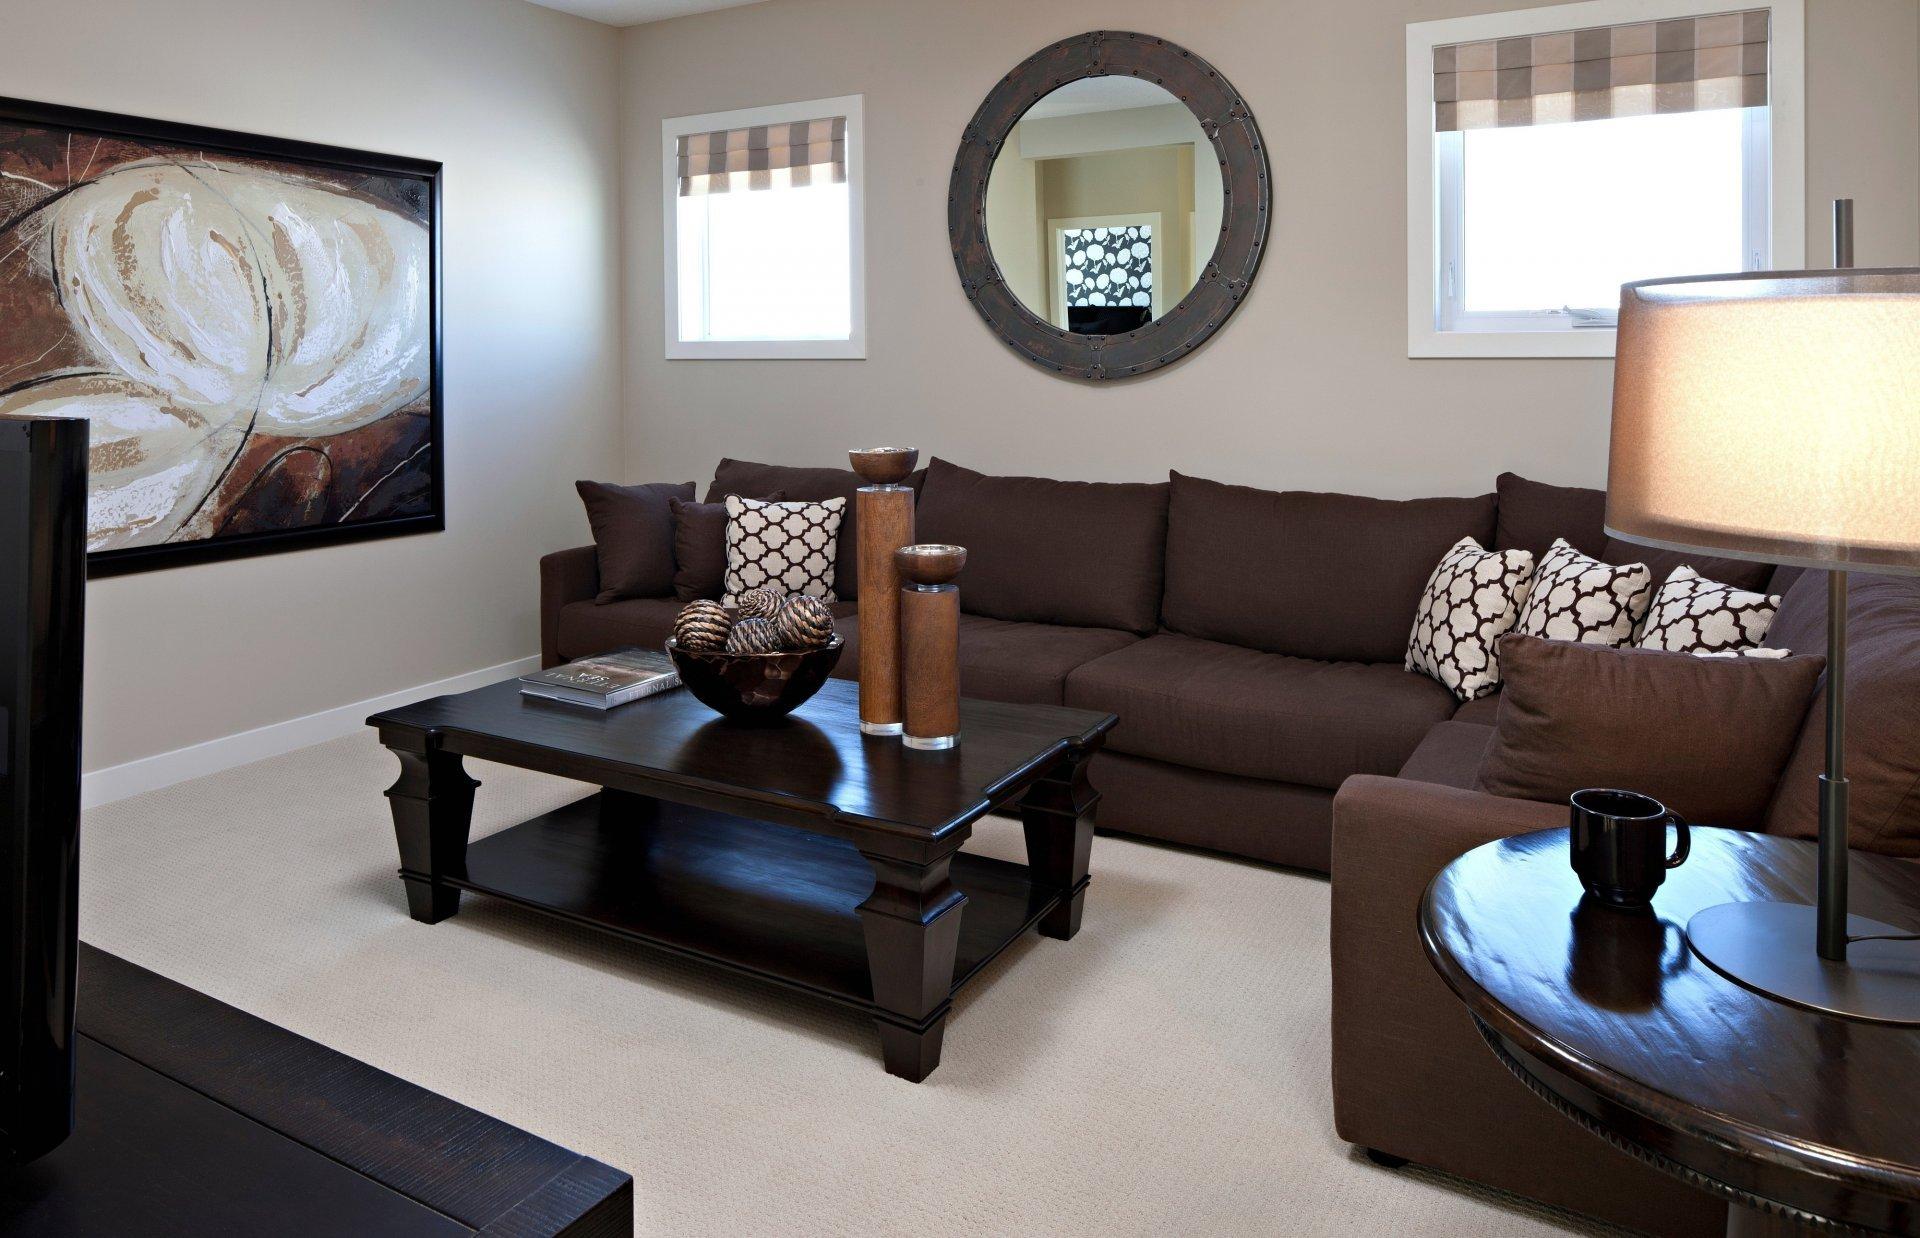 Cuscini Su Divano Marrone divano marrone (59 foto): modelli di colore marrone chiaro e